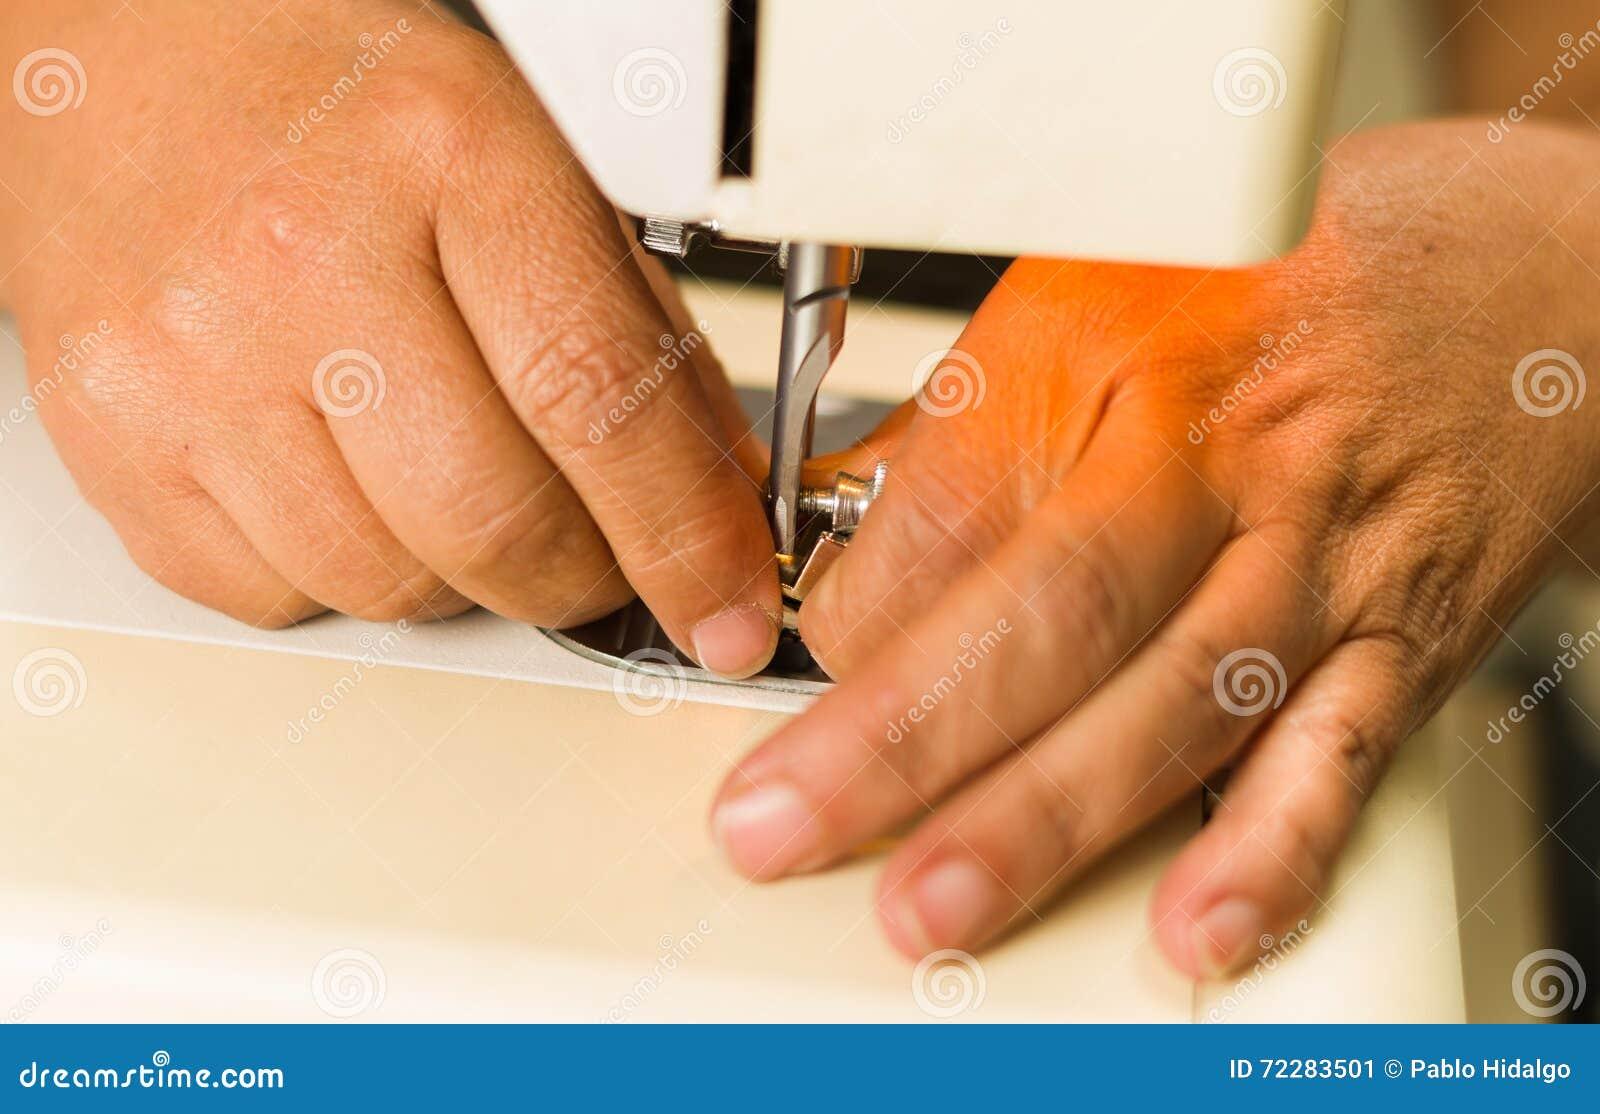 Download Закройте вверх рук делая некоторое расположение к швейной машине, игле и потоку Стоковое Изображение - изображение насчитывающей актиния, материал: 72283501